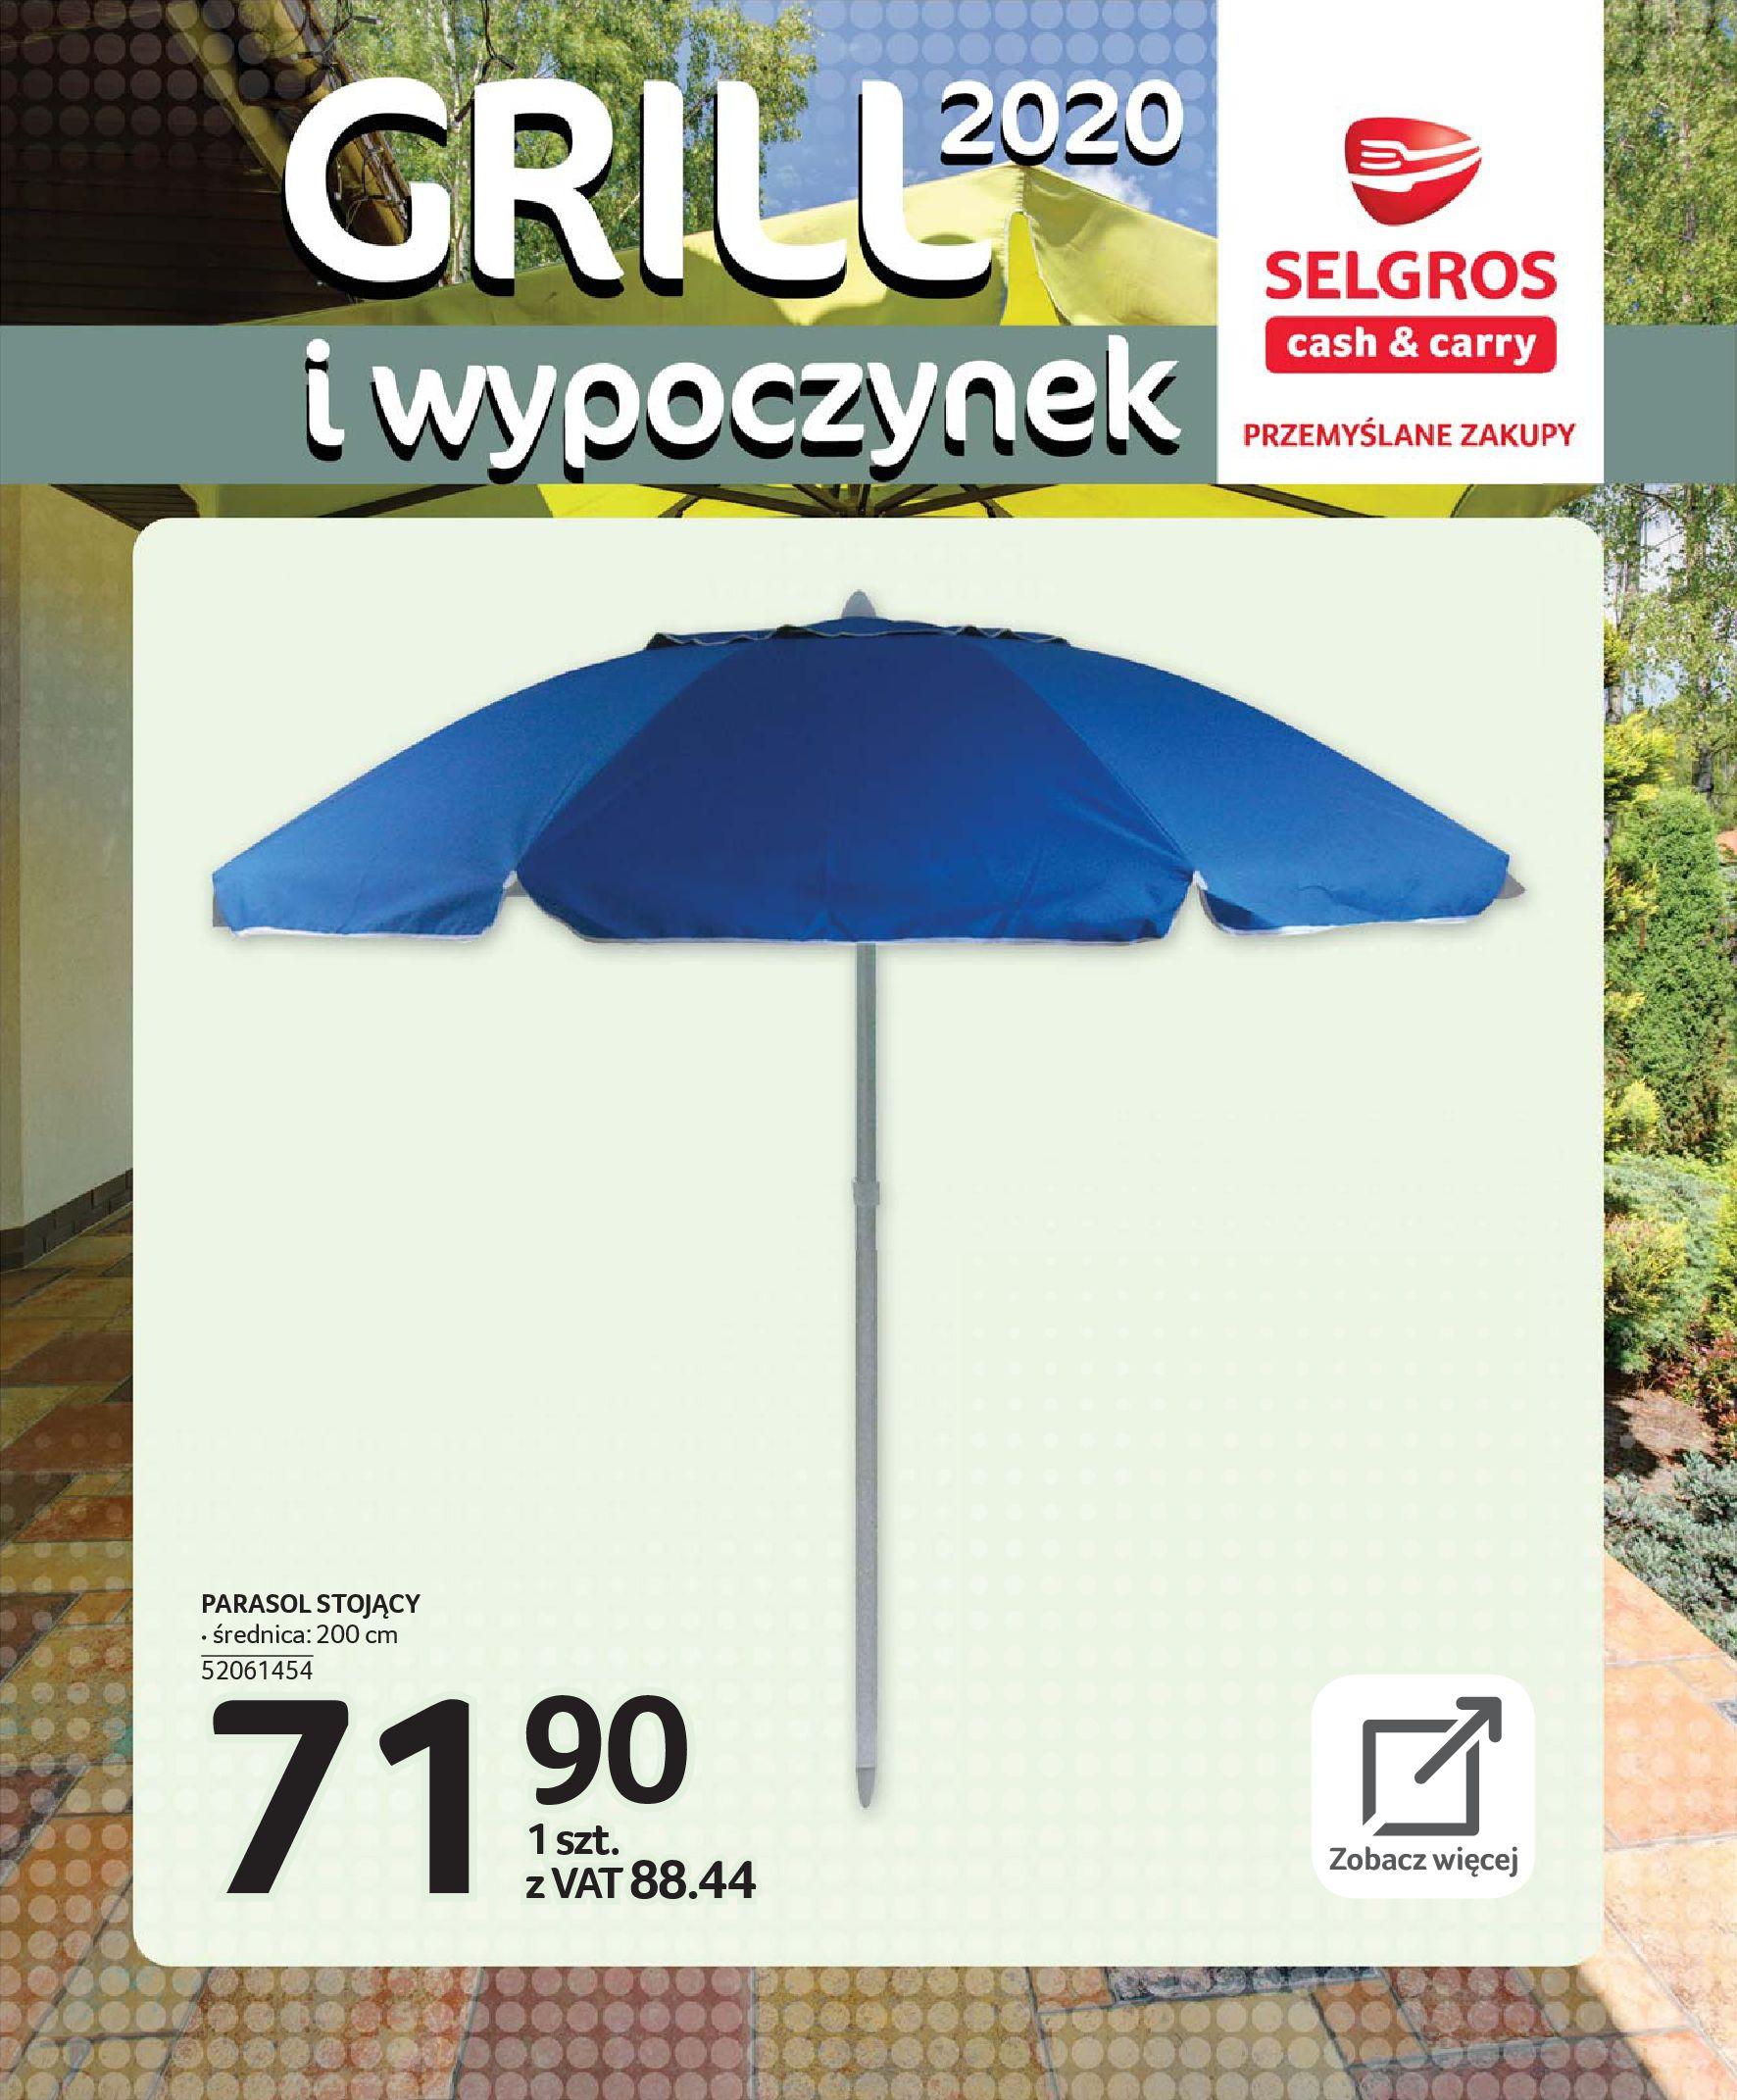 Gazetka Selgros - Katalog - Grill i wypoczynek-31.03.2020-31.08.2020-page-36